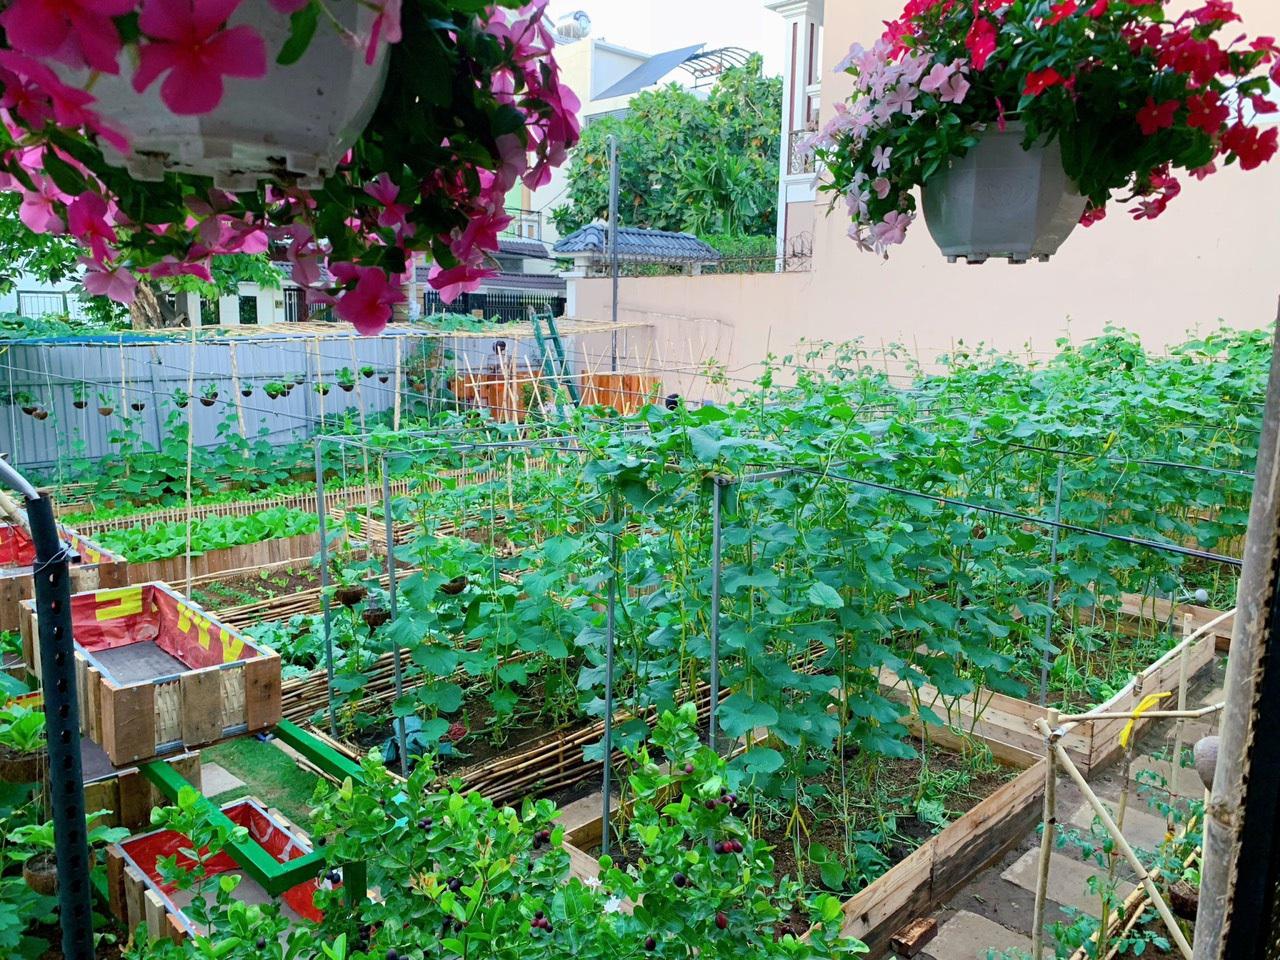 Bỏ 50 triệu đồng cải tạo vườn chuối thành khu sinh thái trong mơ - 3